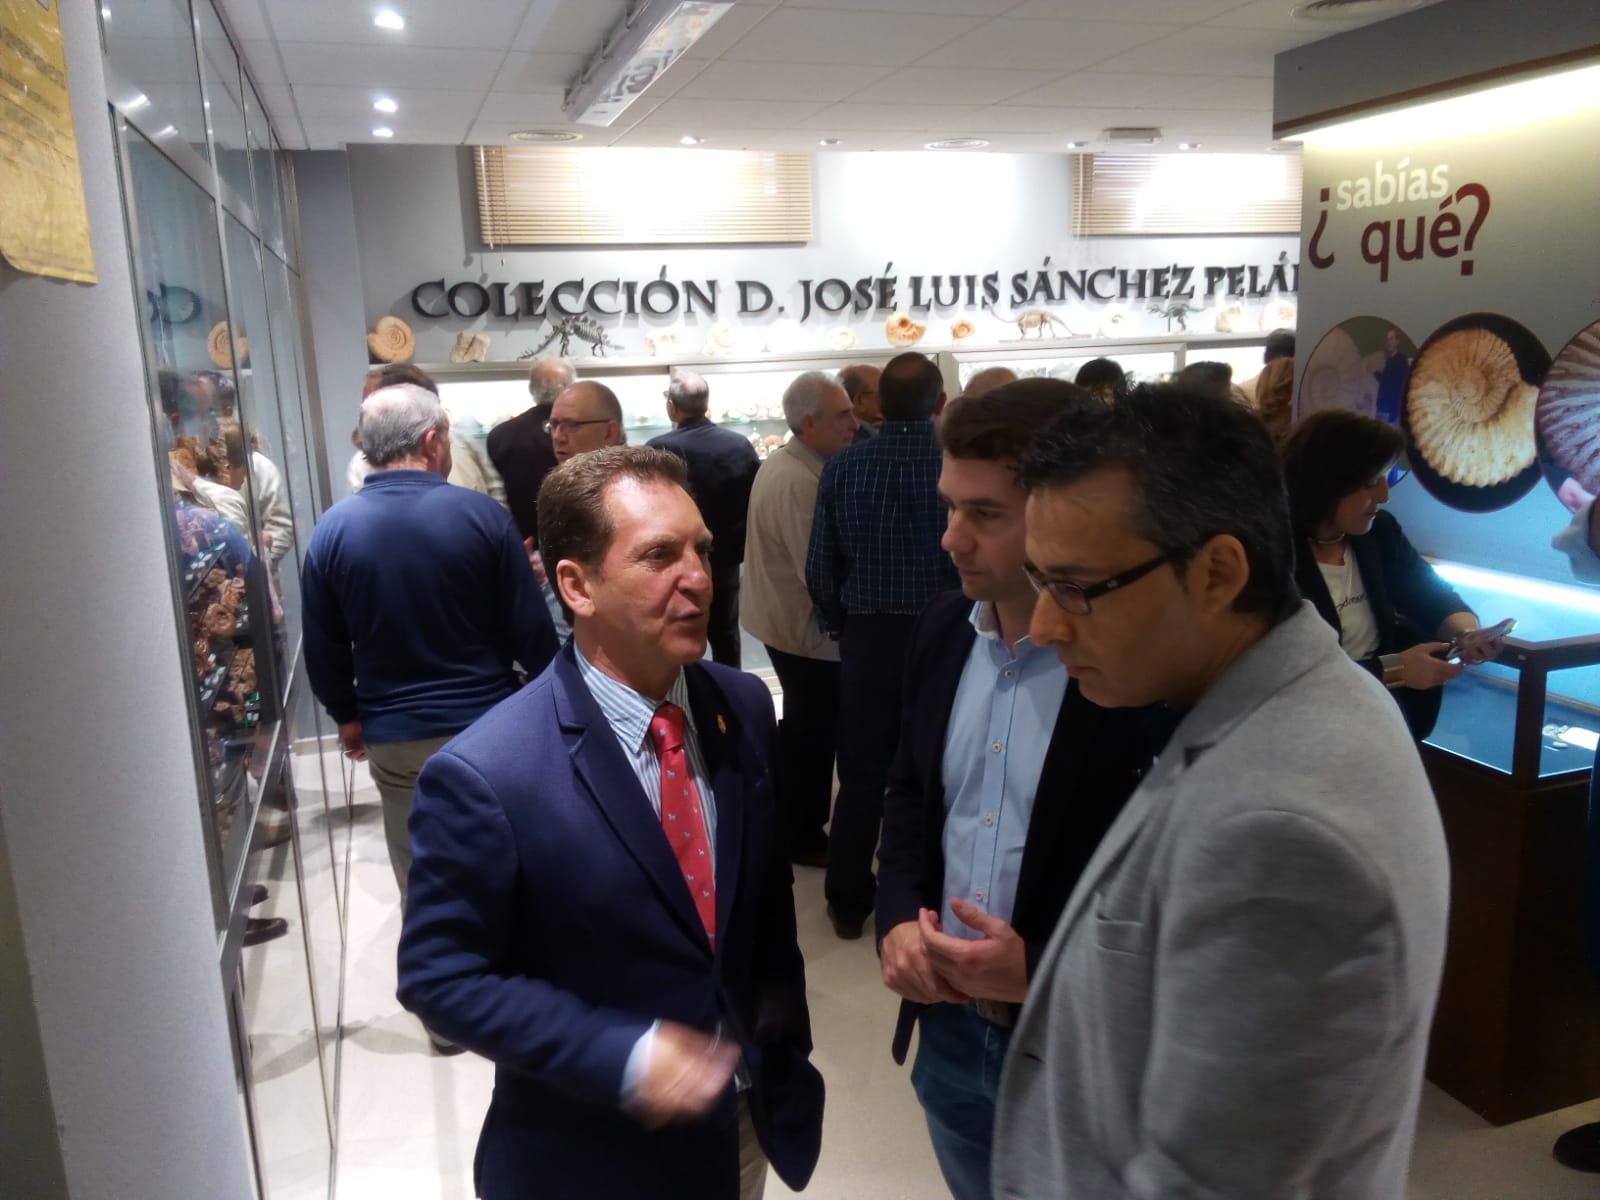 El Centro de Interpretación Cabra Jurásica amplía su colección con 1.500 fósiles pertenecientes al lucentino José Luis Sánchez Peláez